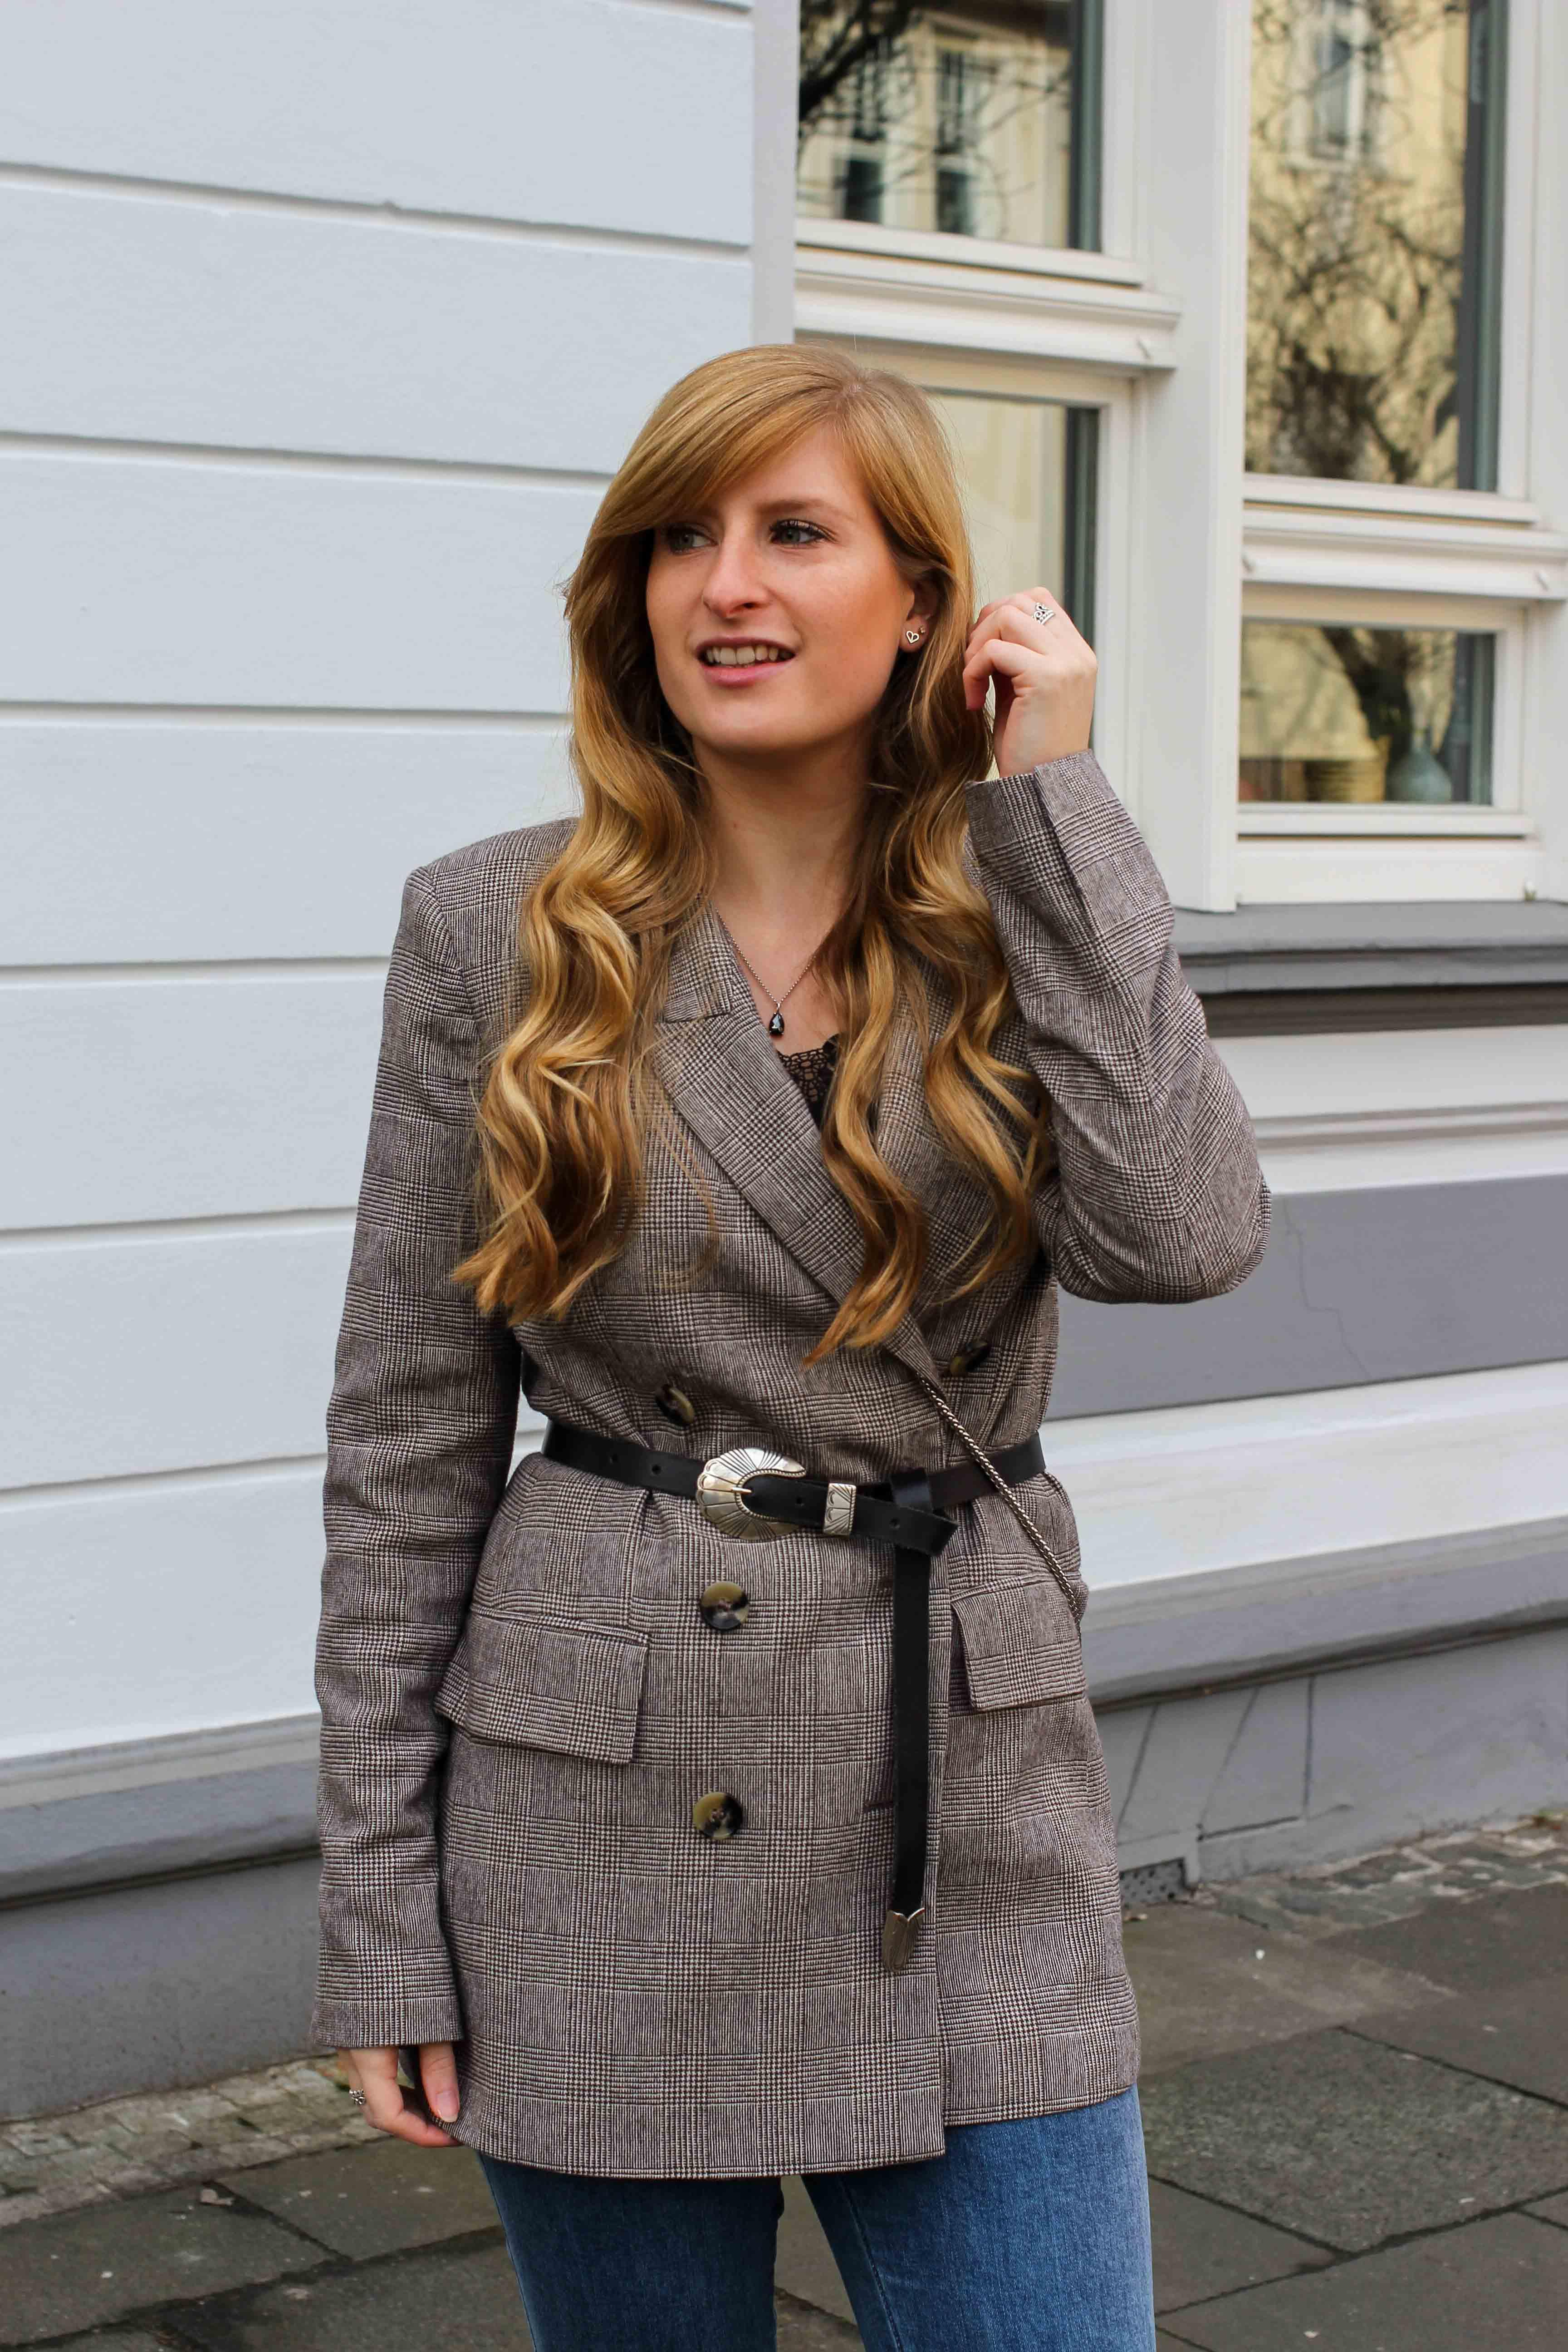 Karierter Blazer Spitzentop Hüftgürtel Karoblazer kombinieren Outfit Hebst Winter filigraner Schmuck silber Kette Ringe Modeblog Bonn 7